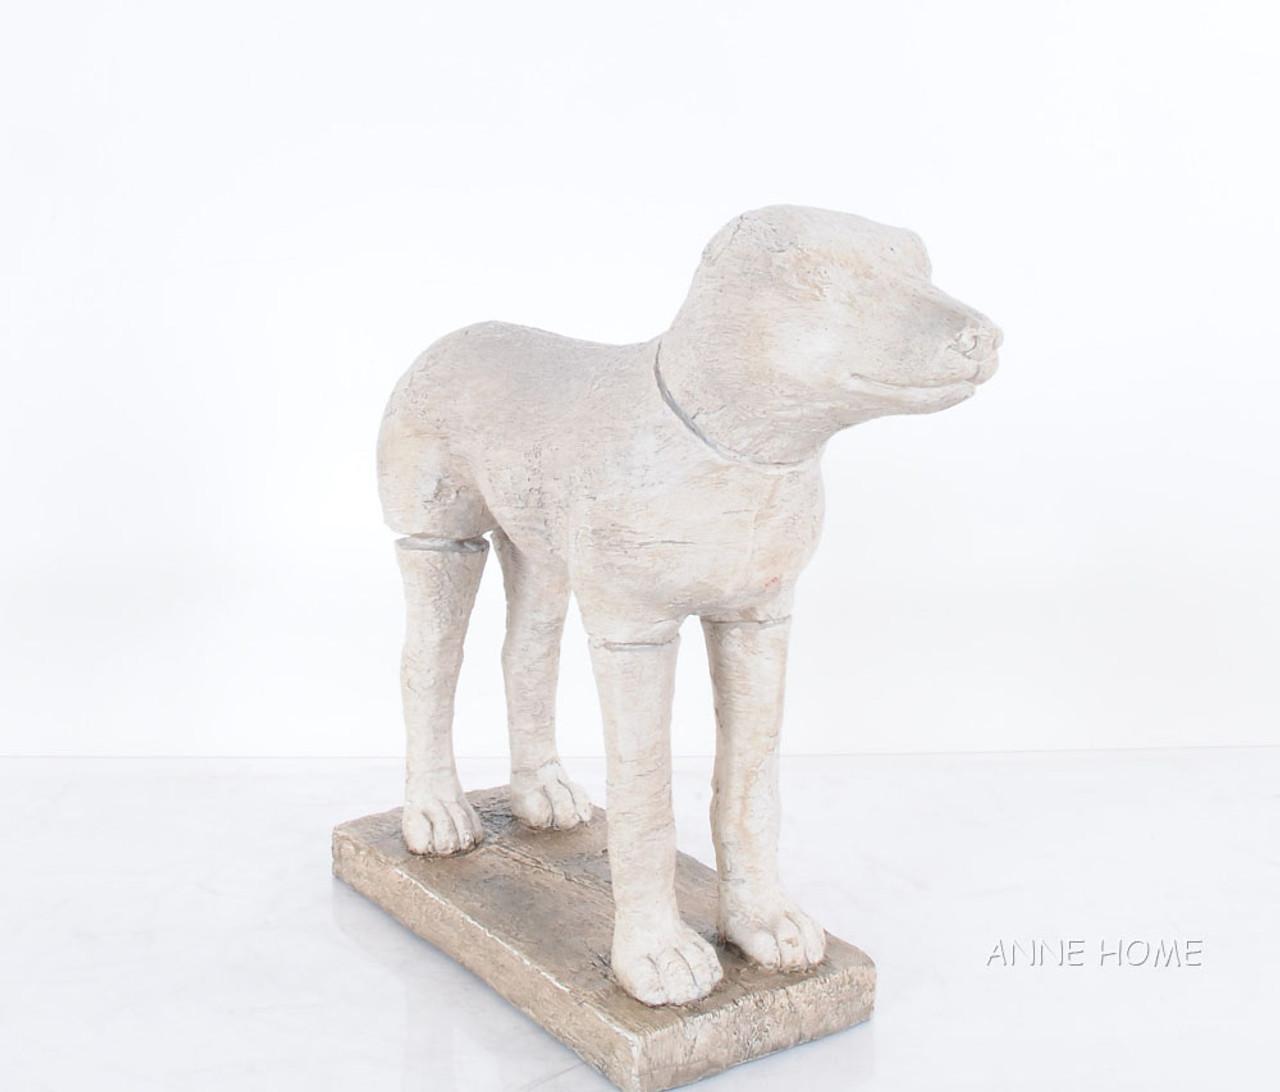 Large Rustic Dog Figurine Statue Sculpture Home Decor